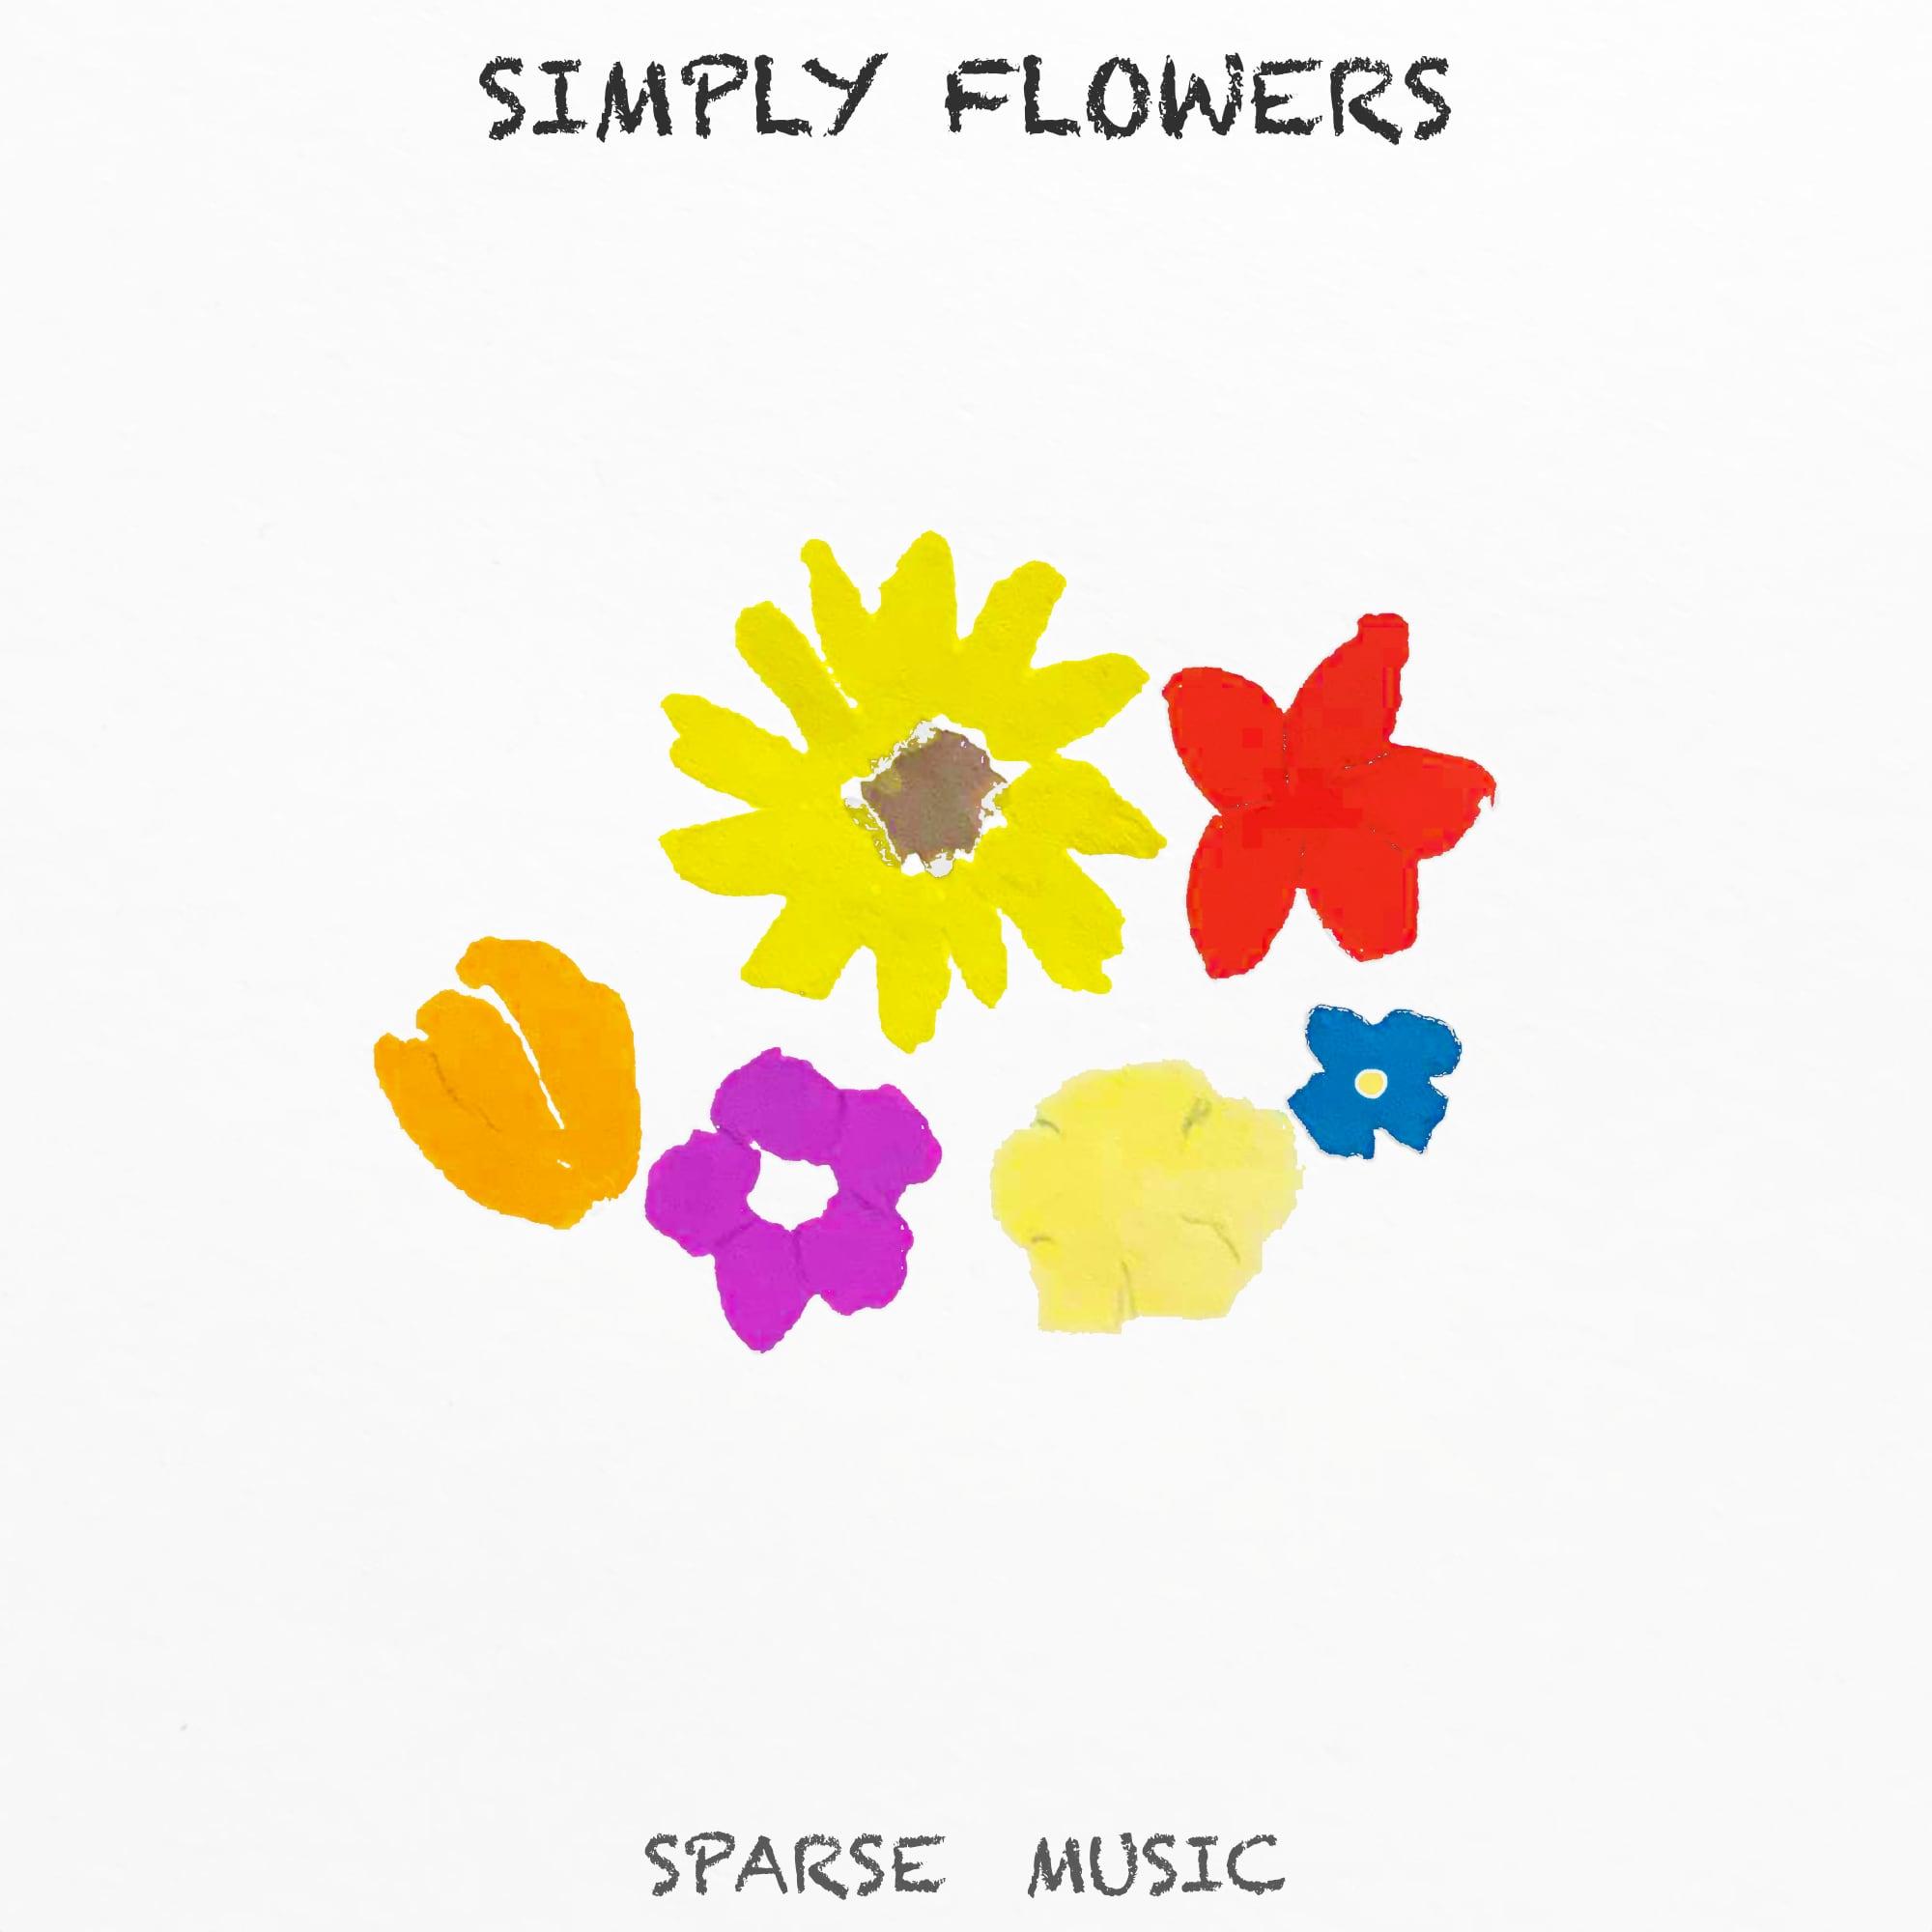 SPRS 01070 SIMPLY FLOWERS 2000